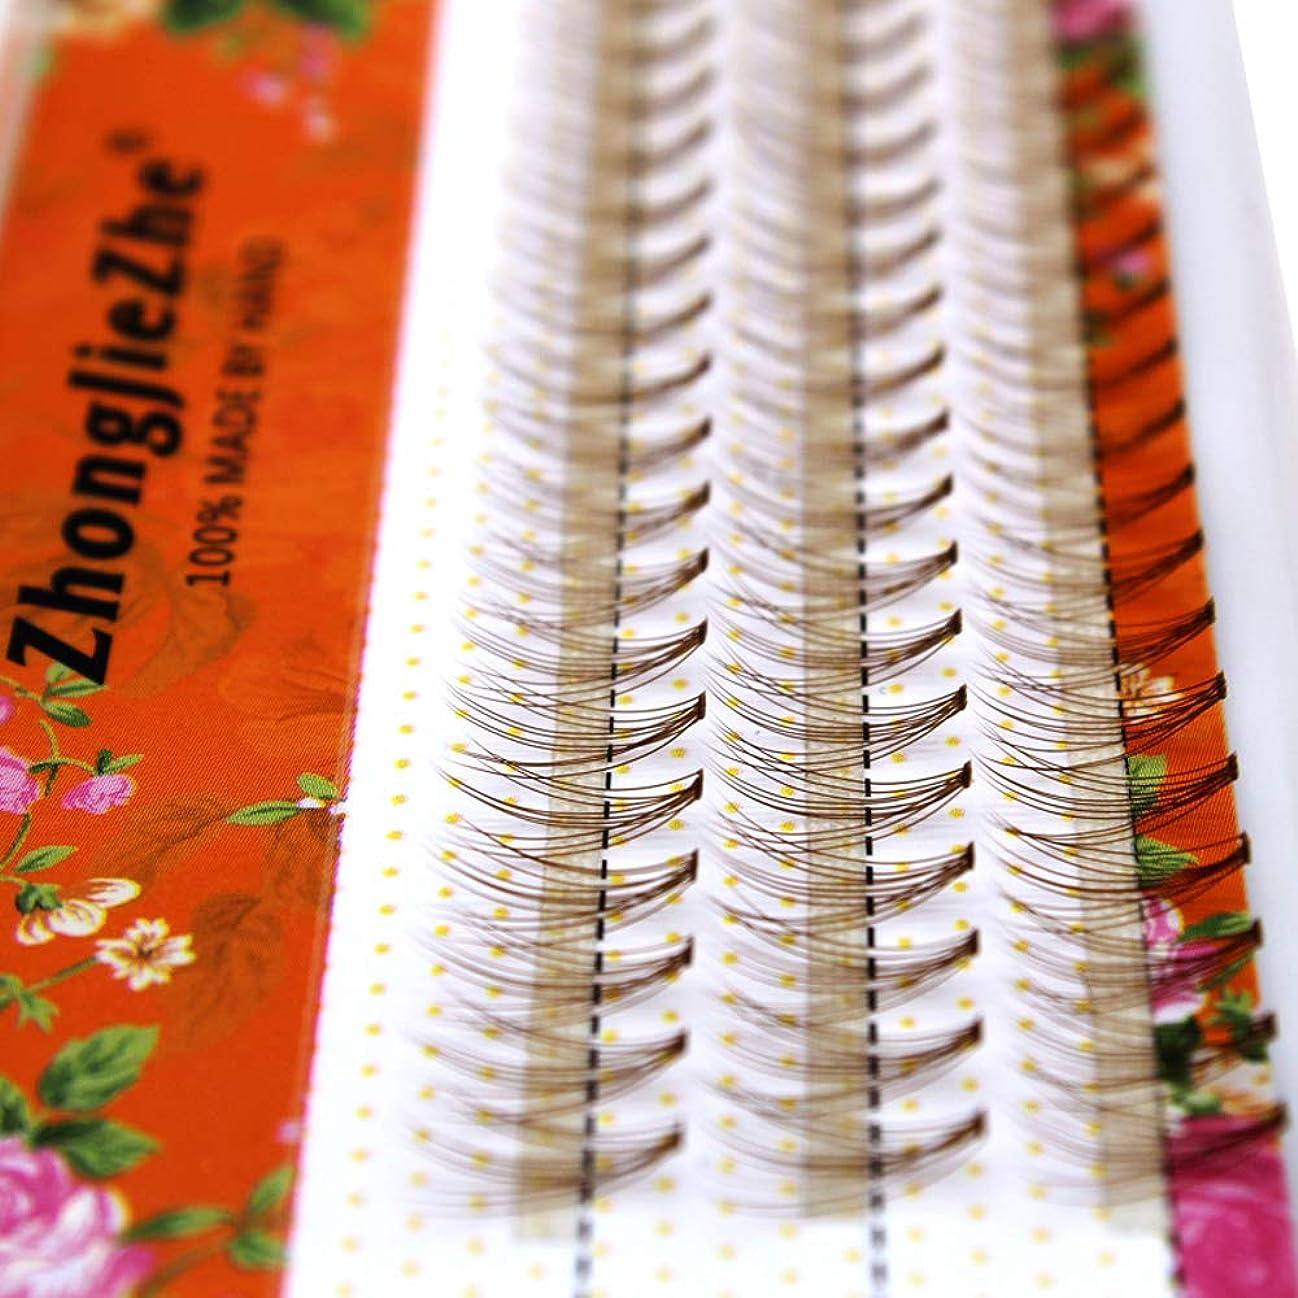 繰り返しパーティションコウモリCLLUZU つけまつげ0.07 mm粗い単植物10髪のグラフト入れまつげブラウンナチュラルソフトで快適